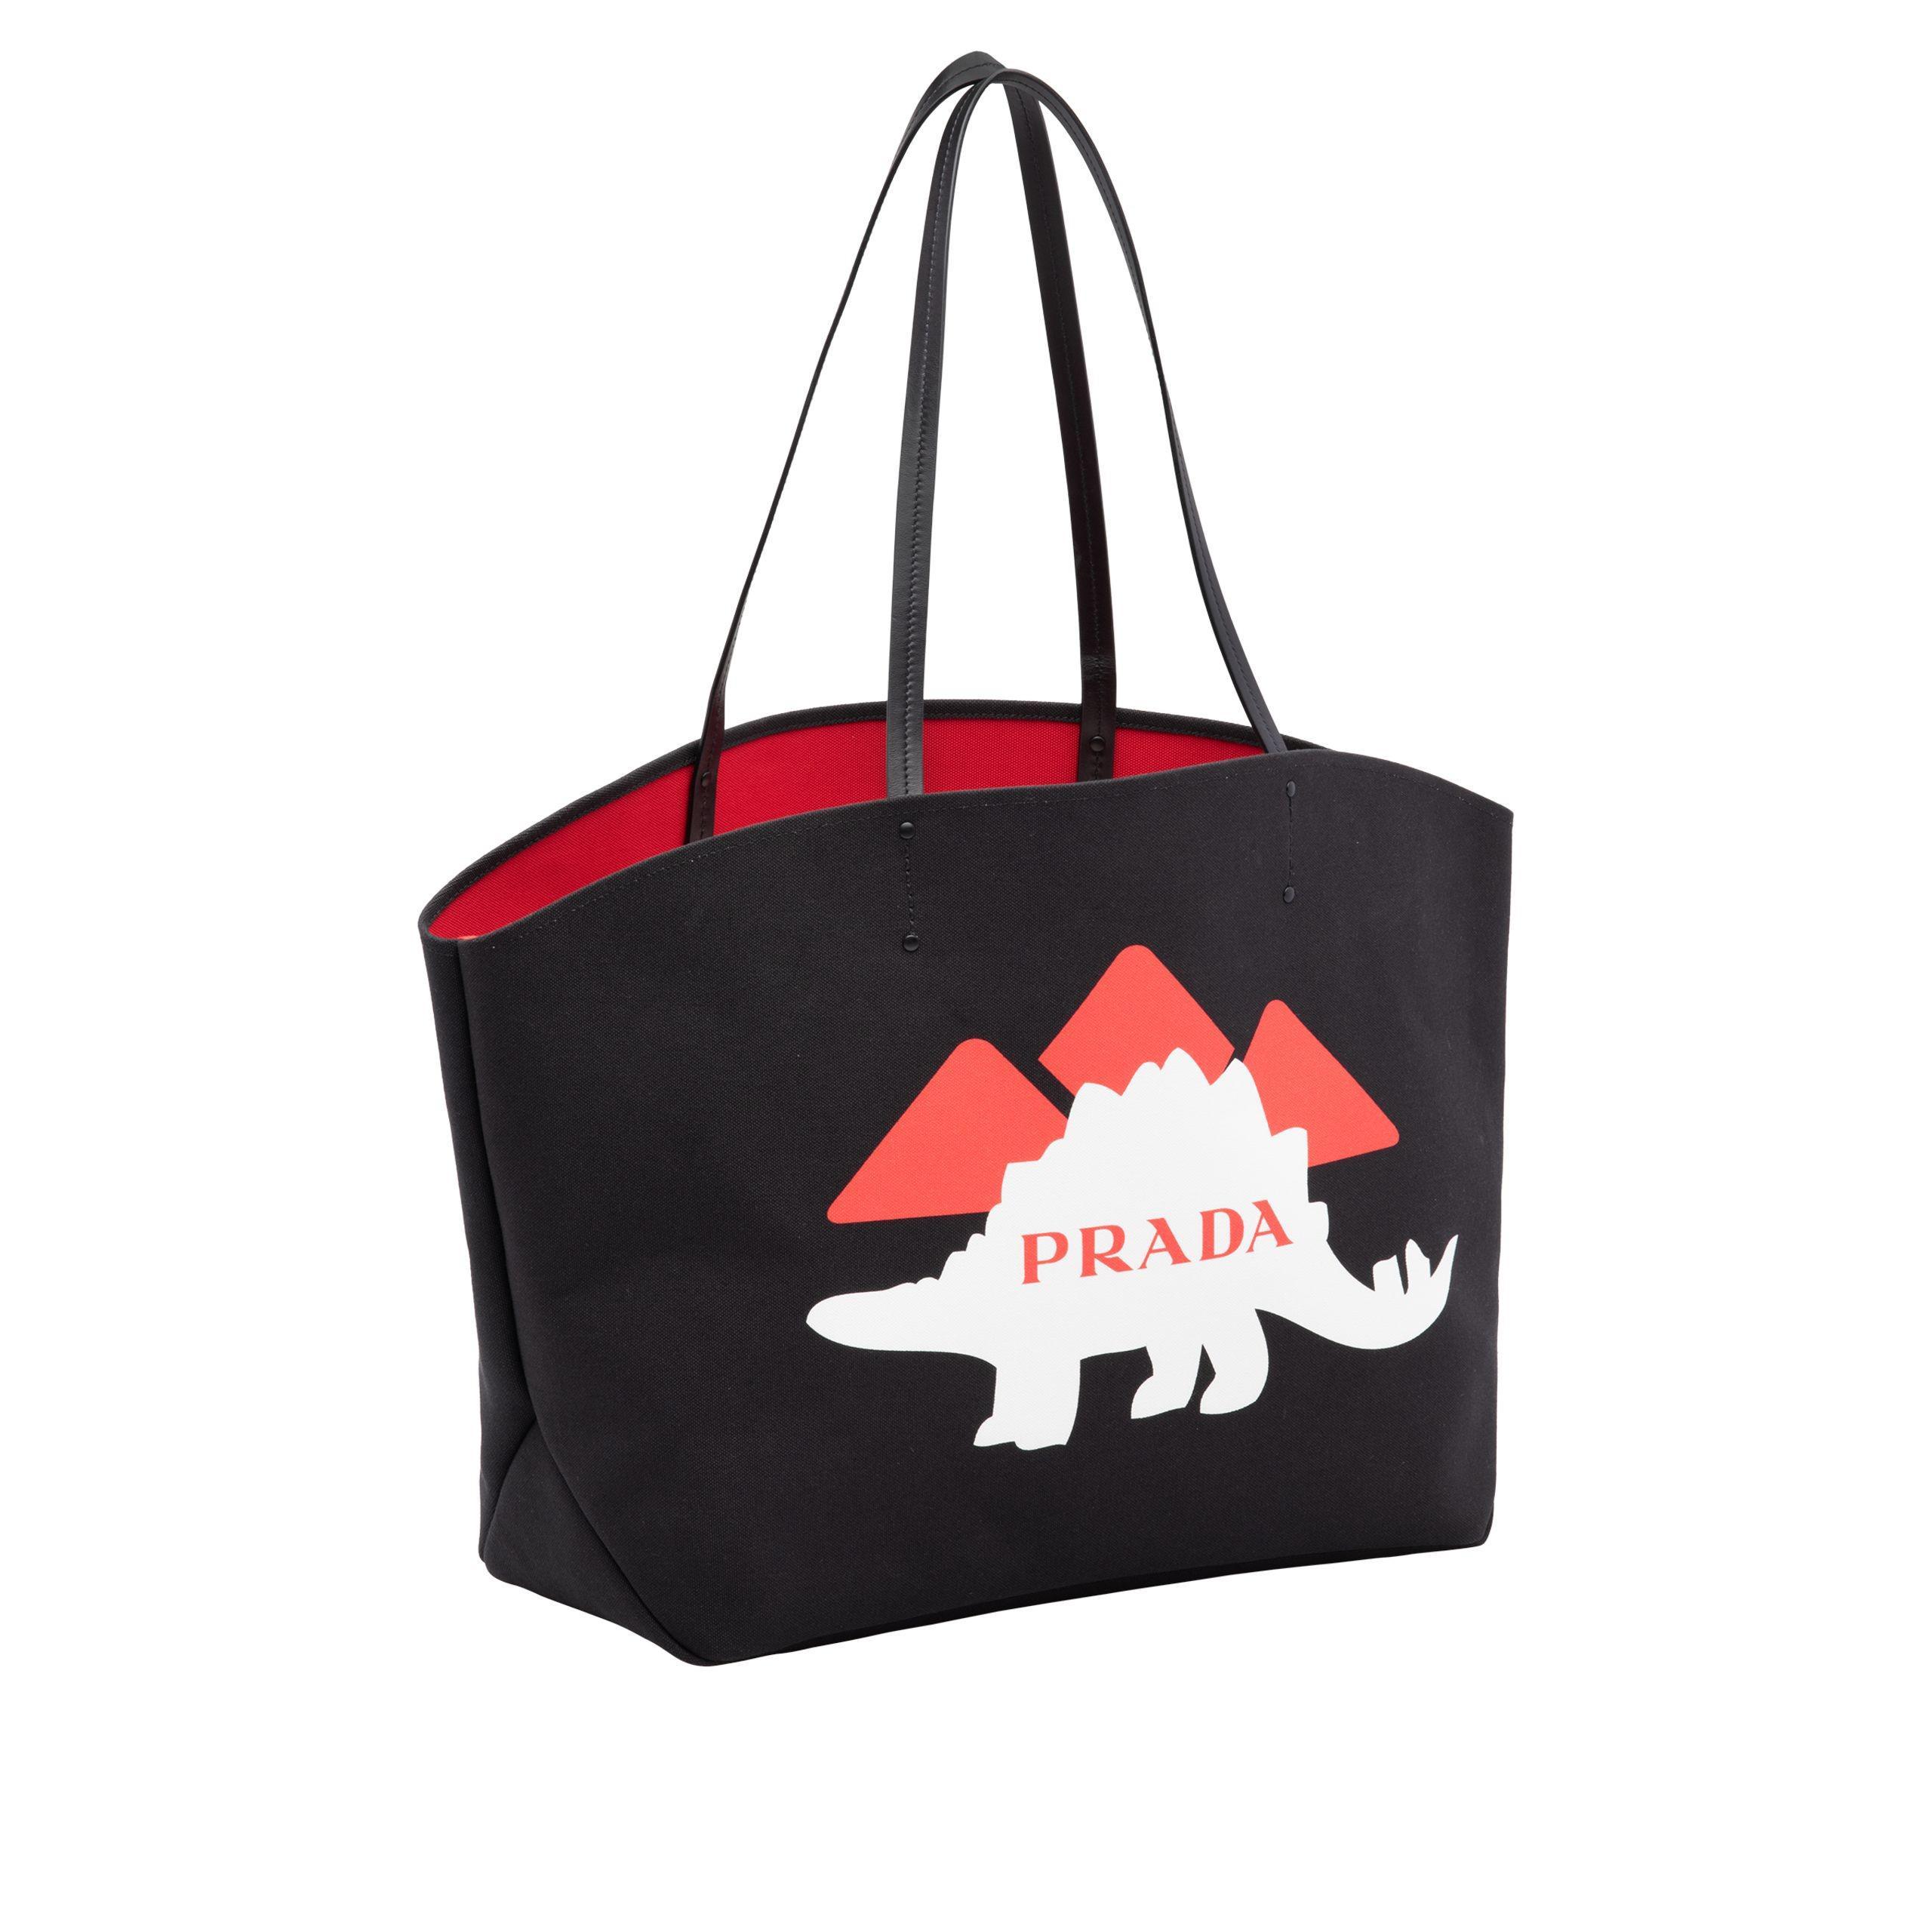 5a0fc4b3c1f7 Lyst - Prada Dinosaur Printed Canvas Black Tote Bag in Black